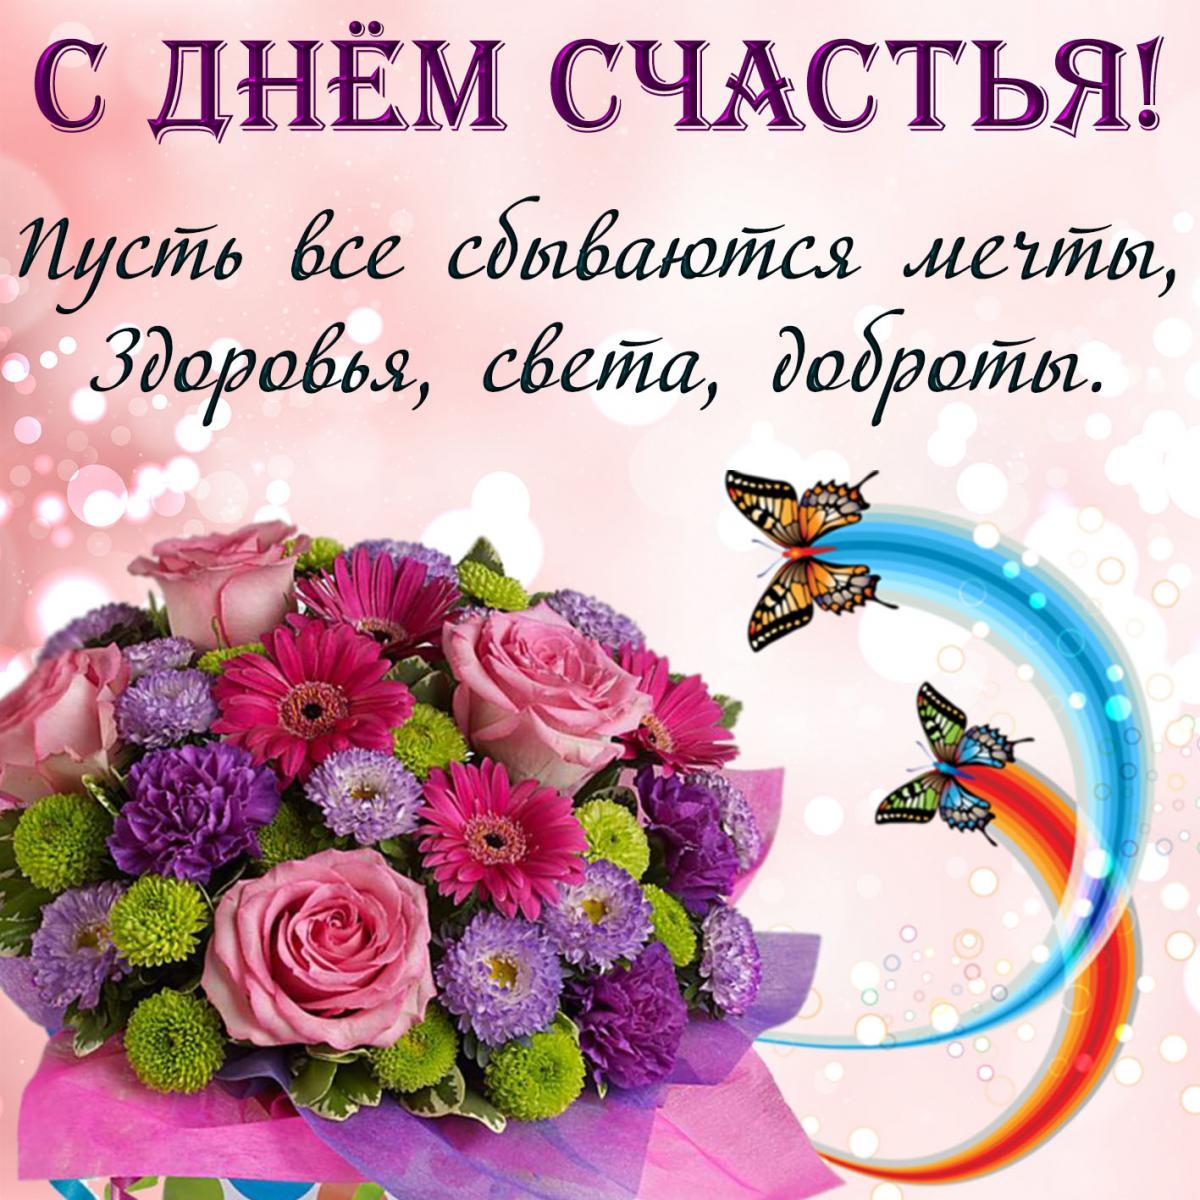 Развиващие задания. С днем счастья Анимационные открытки С днём счастьем. Поздравительные открытки с Днем счастья. Открытки с Днем женского счастья. Открытки гиф с Днем счастья. открытка поздравление с Днём счастья. Открытка с днем счастья. Открытка с днем счастья 2020. Открытка с днем счастья 20 марта.